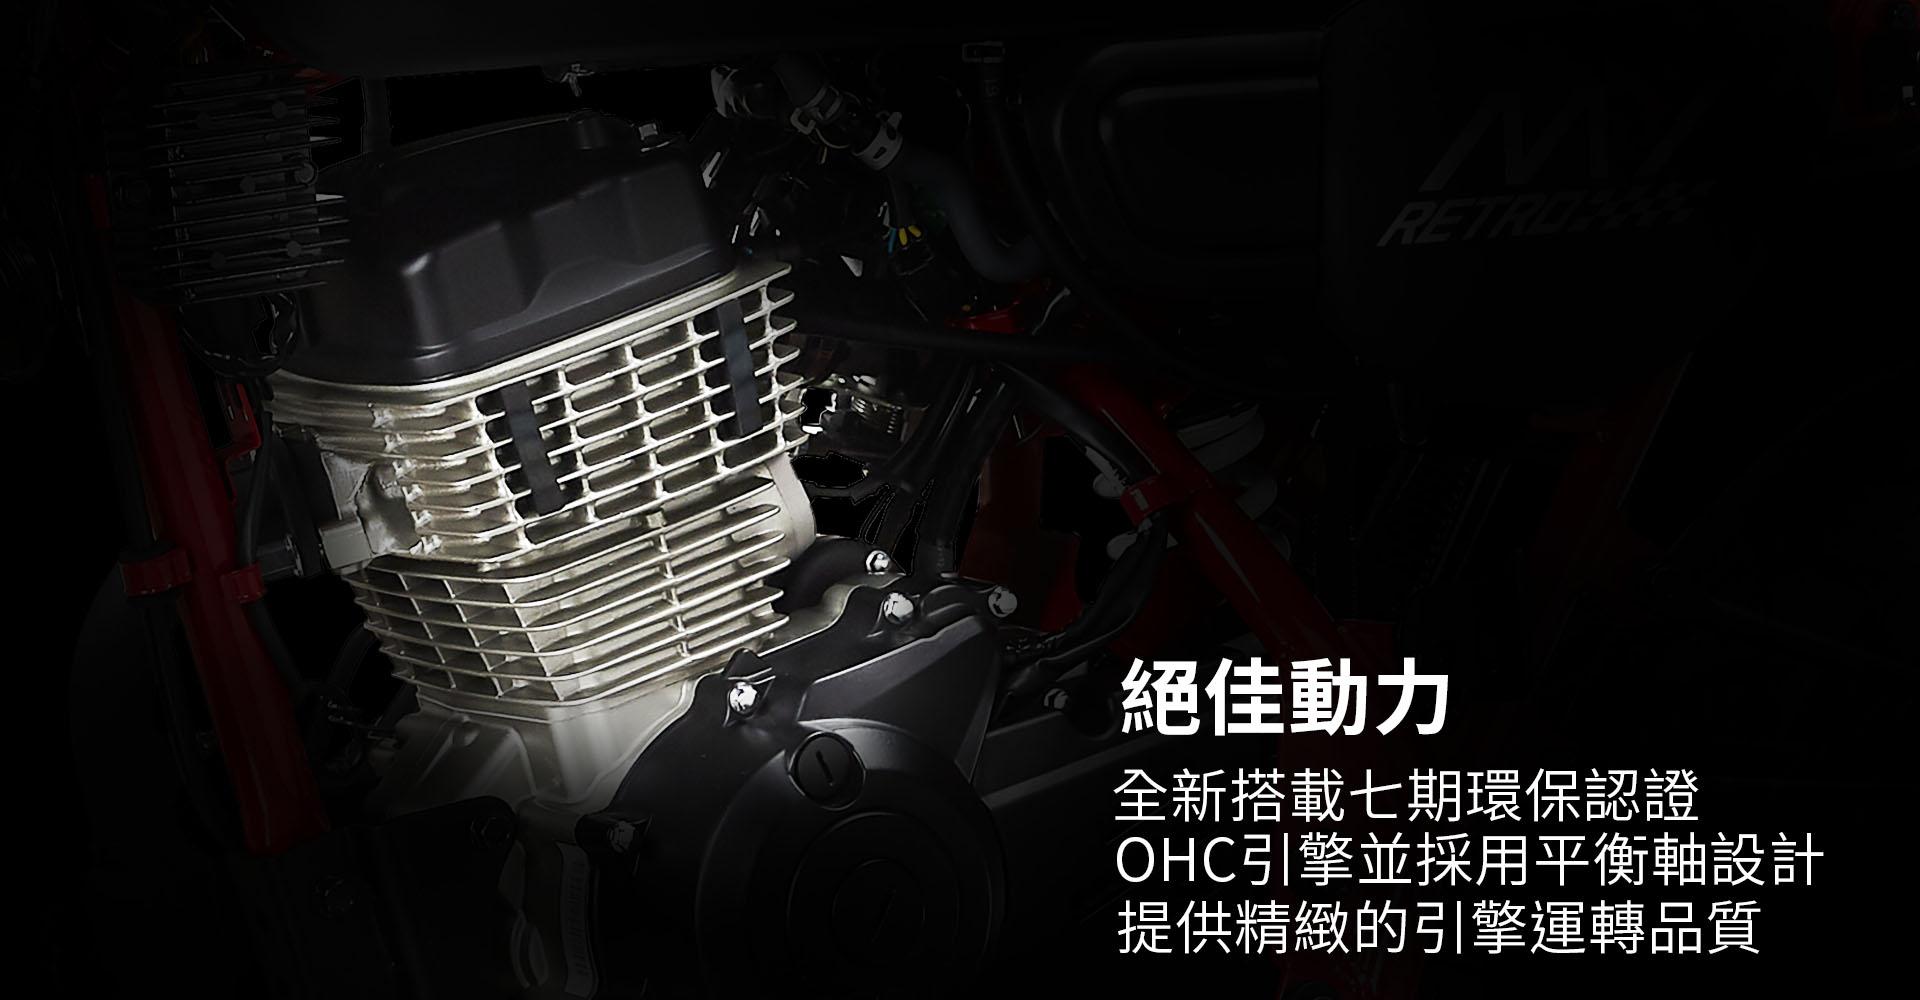 配備-4引擎